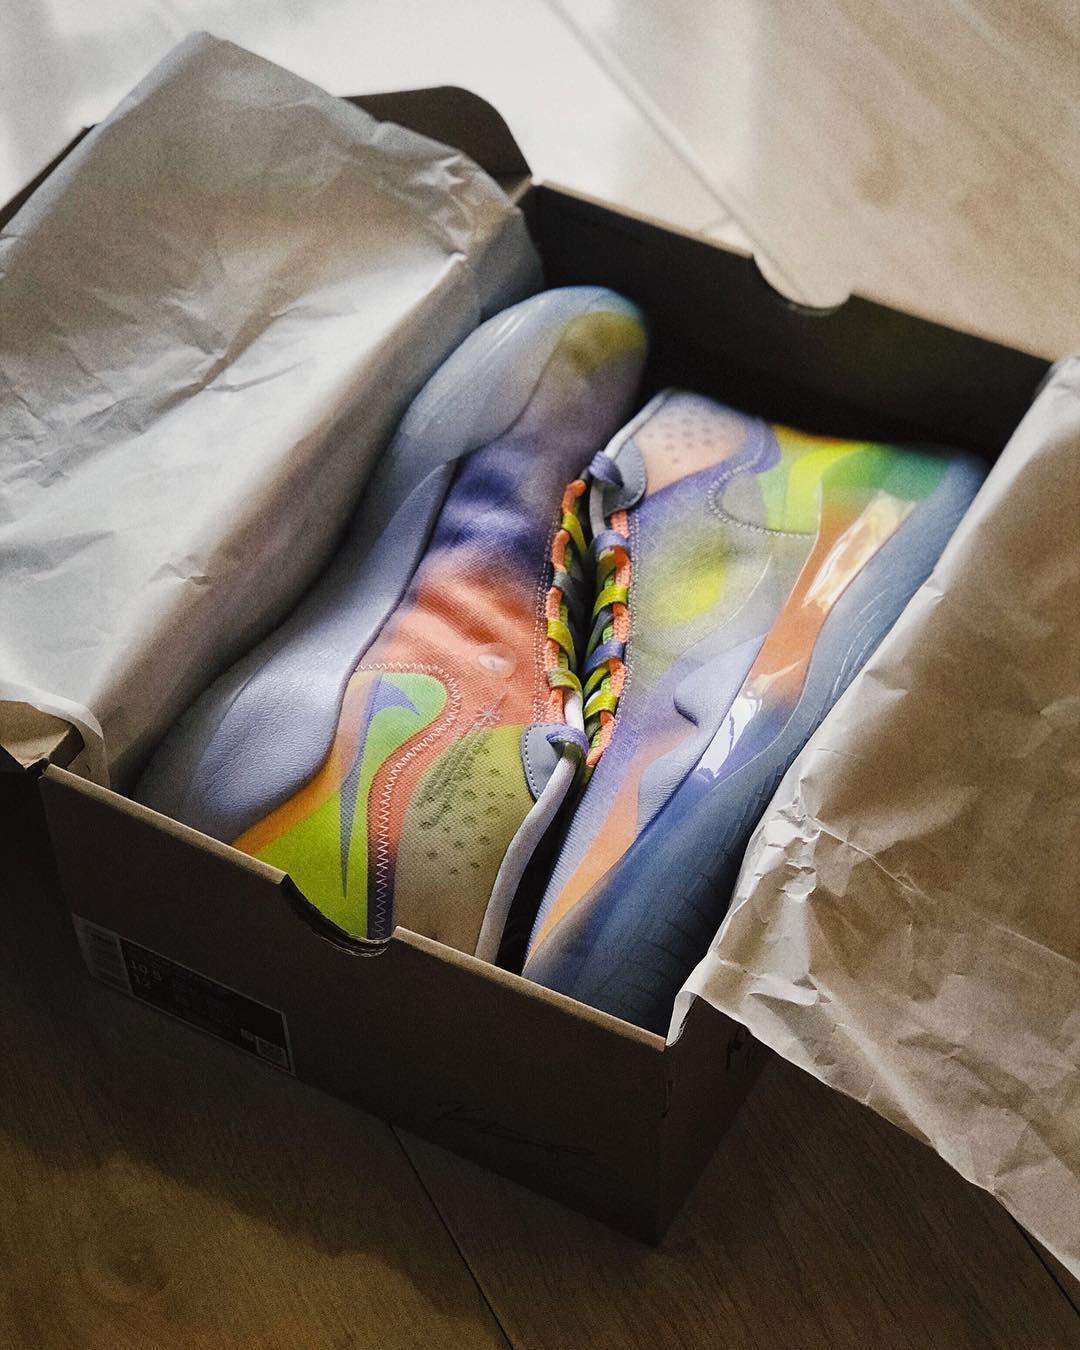 Zoom Freak 1,Nike,发售,EYBL 星空反钩你肯定没见过!又要被字母哥 Zoom Freak 1 种草了!